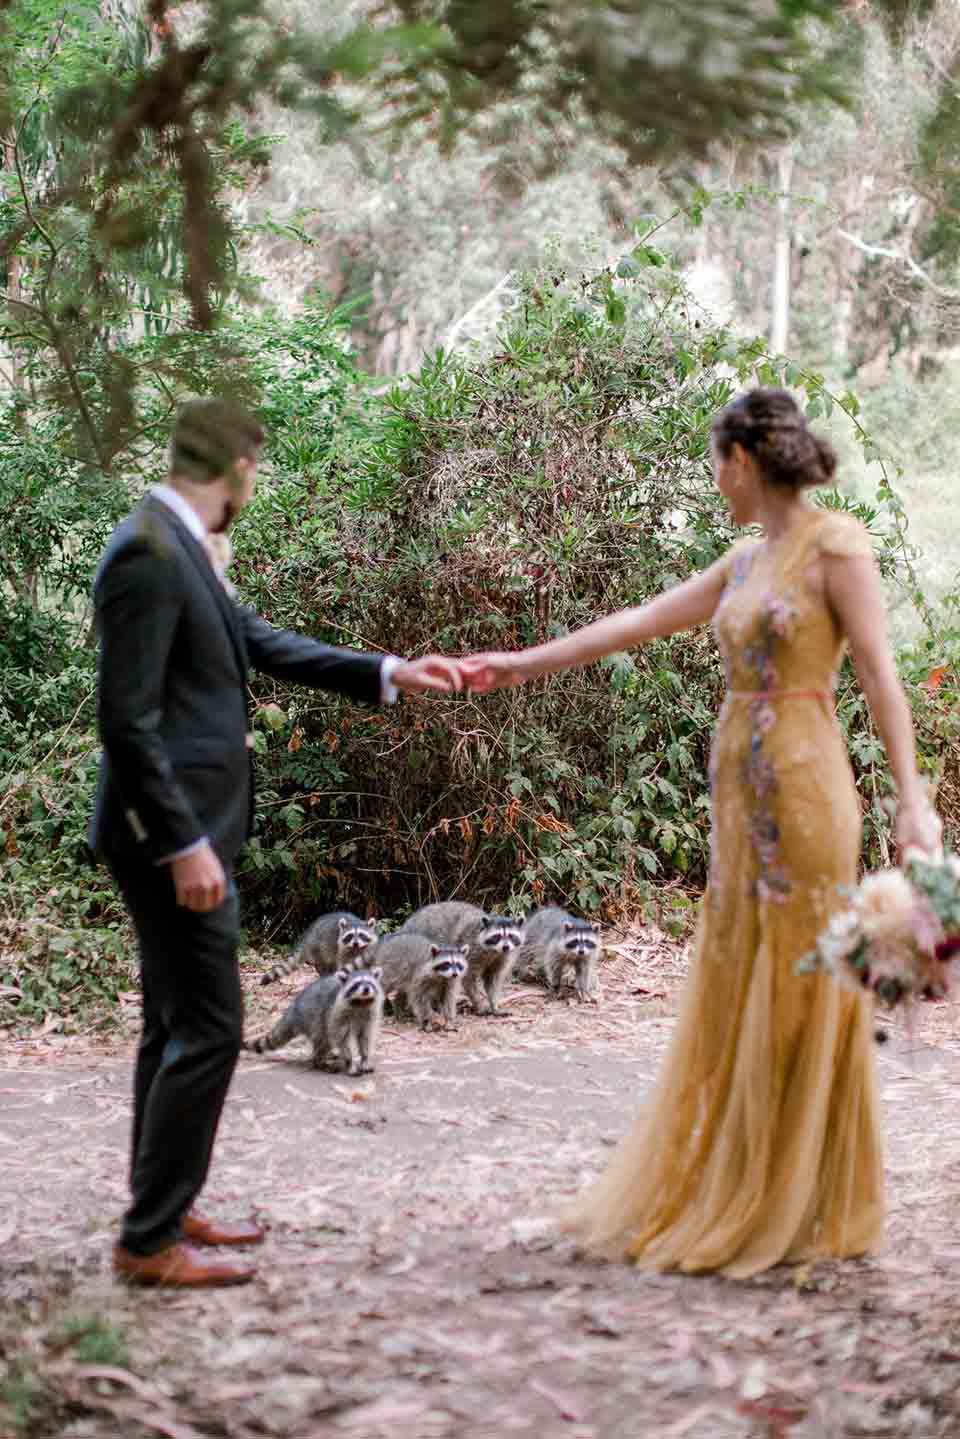 Aparecen mapaches en sesión de fotos